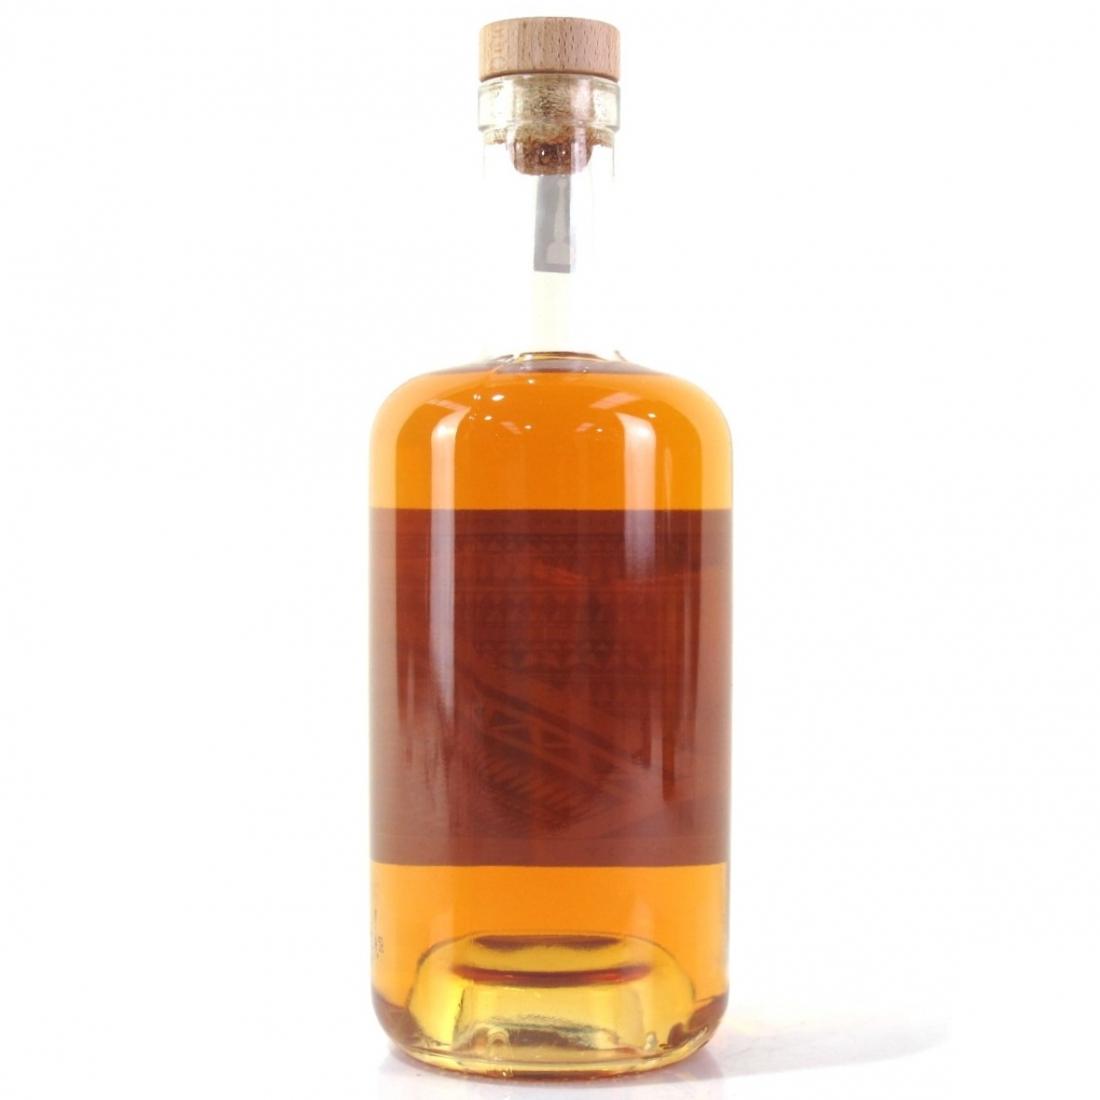 Twenty Third St Hybrid Whisky